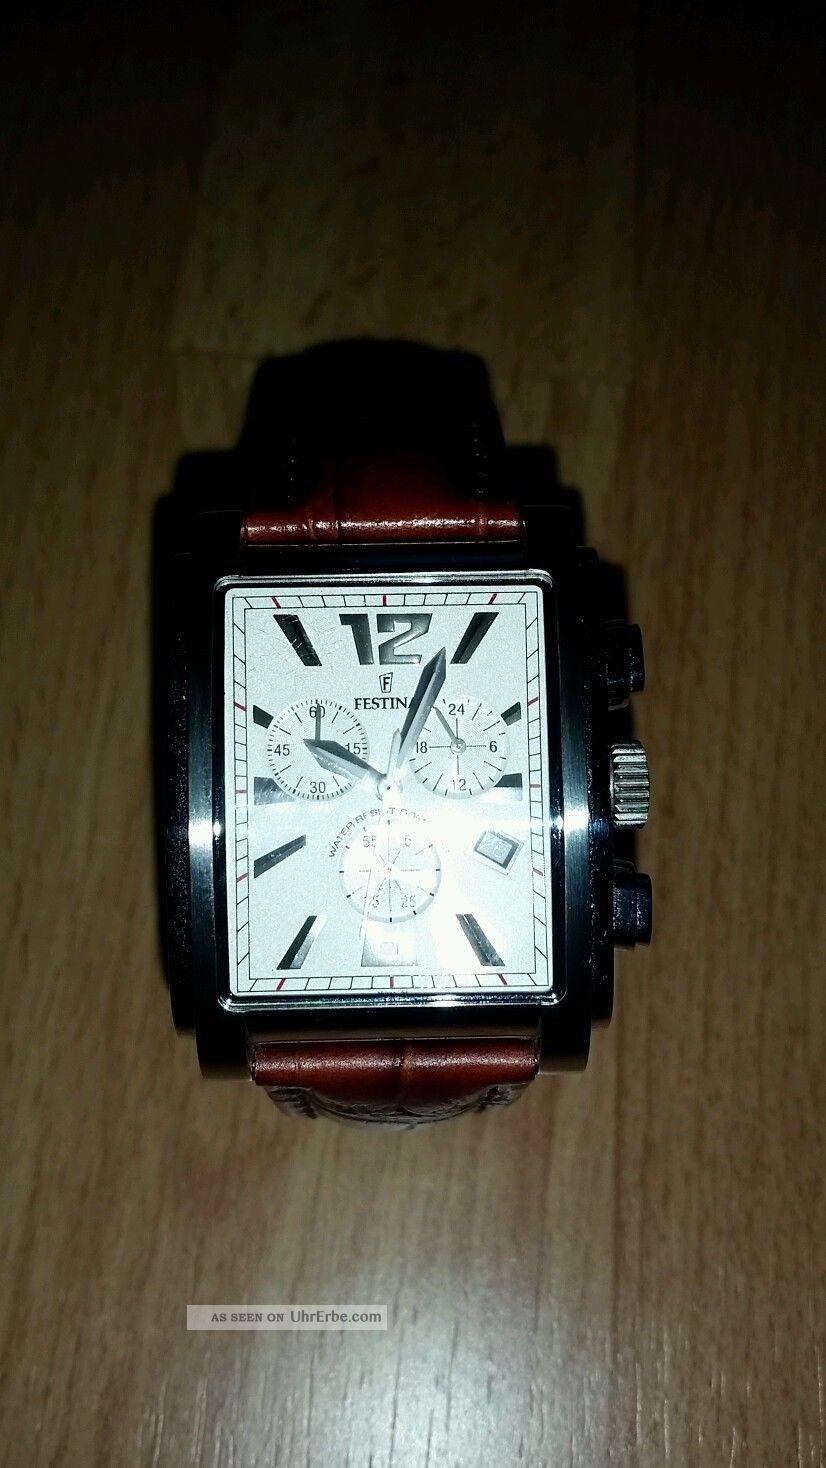 Festina Chronograph Herren Uhr Herrenuhr Armbanduhren Bild